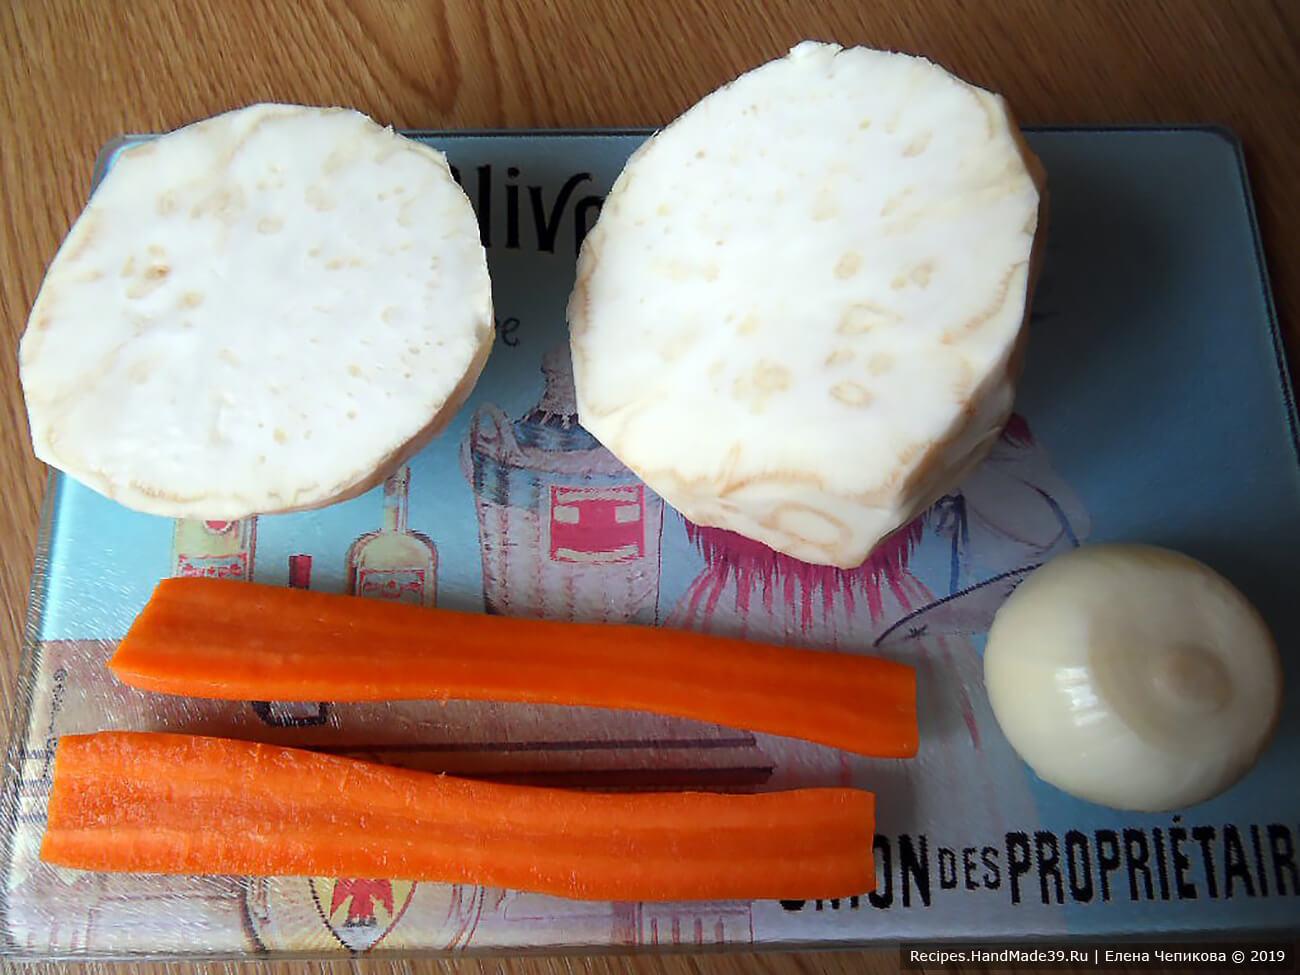 Морковь и корень сельдерея вымыть, очистить, разрезать пополам. Две луковицы очистить, разрезать пополам